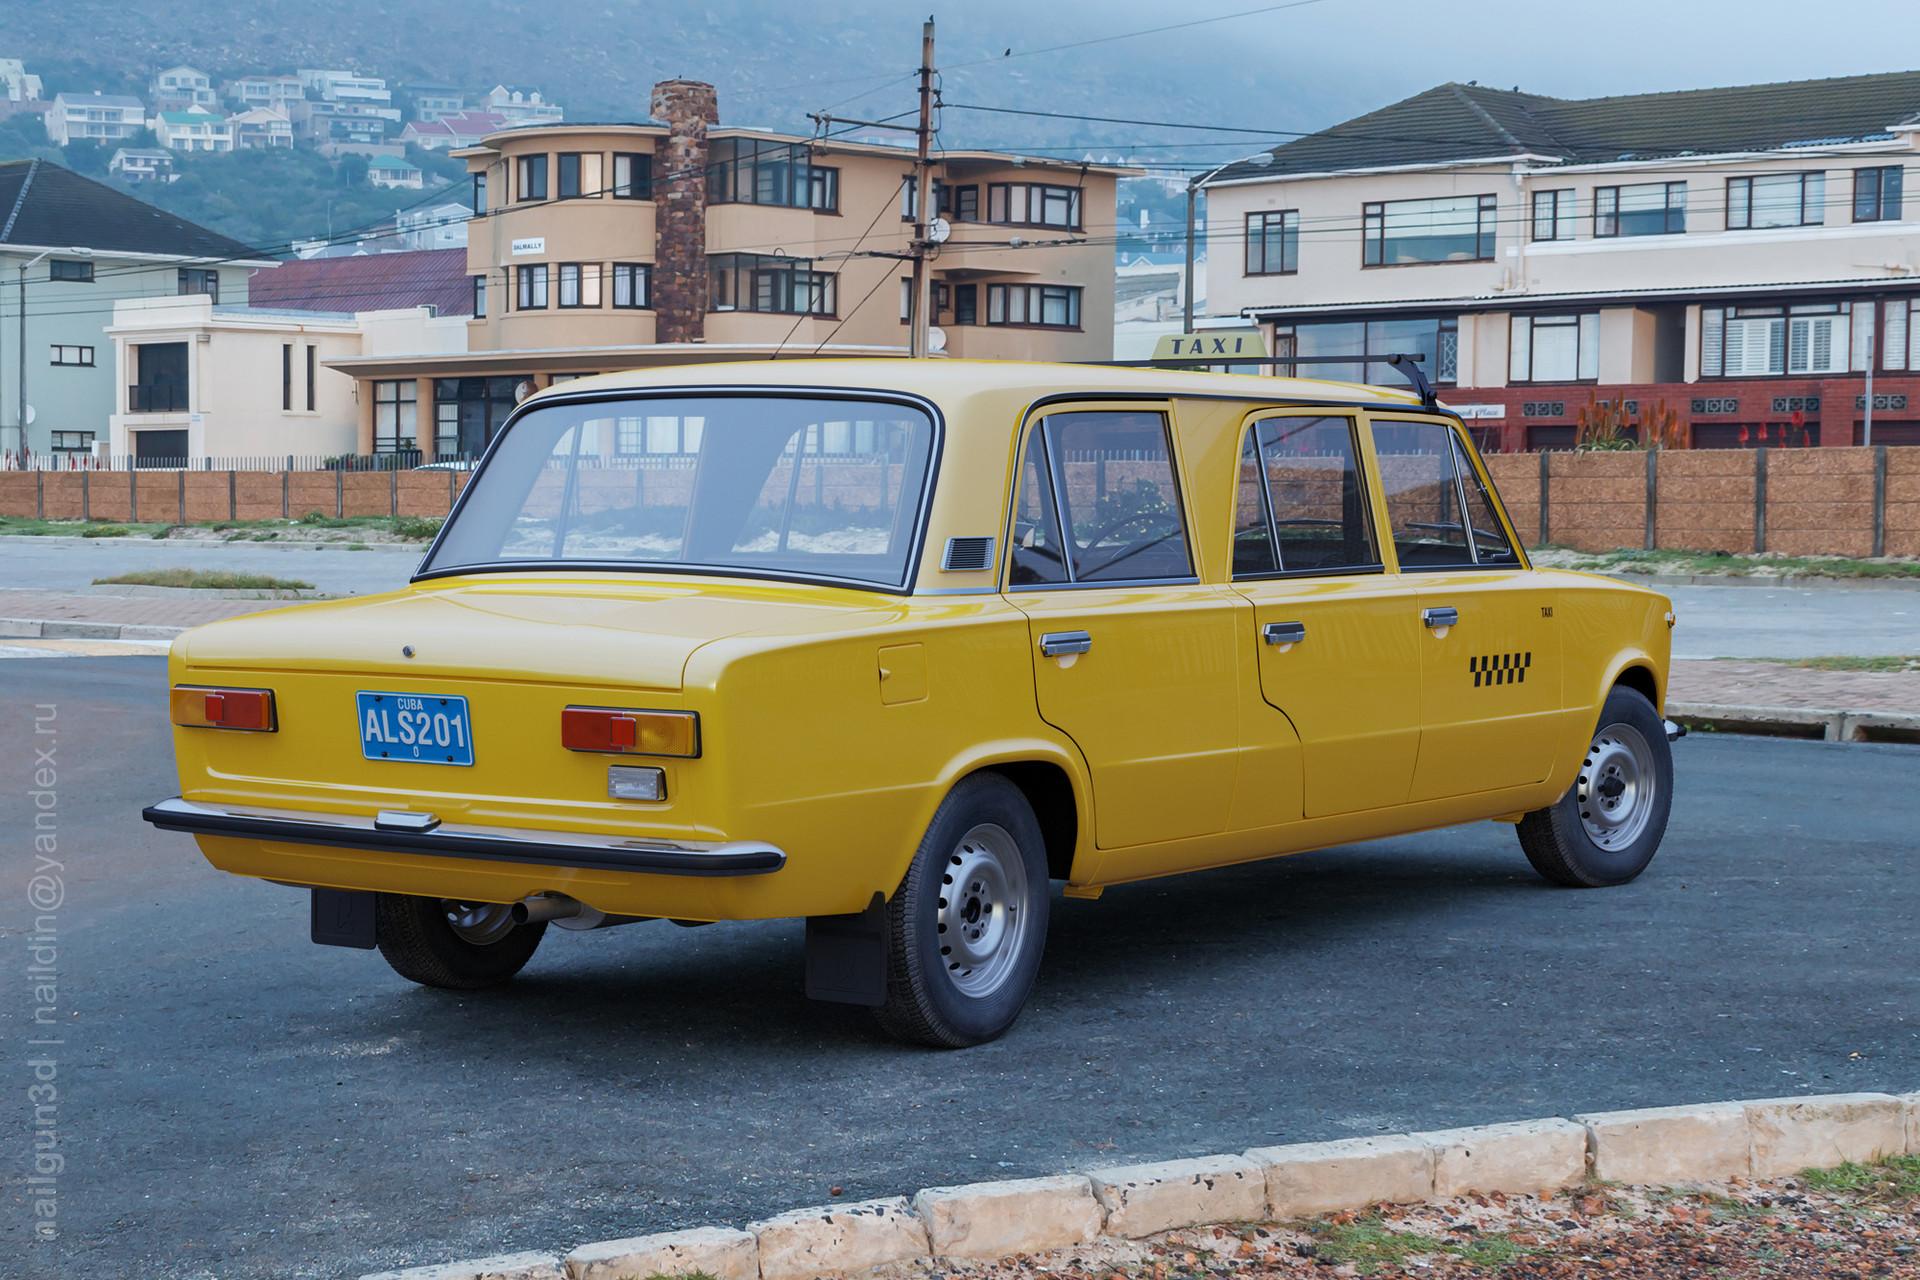 Nail khusnutdinov als 201 010 vaz 21011 limousine back view 3x